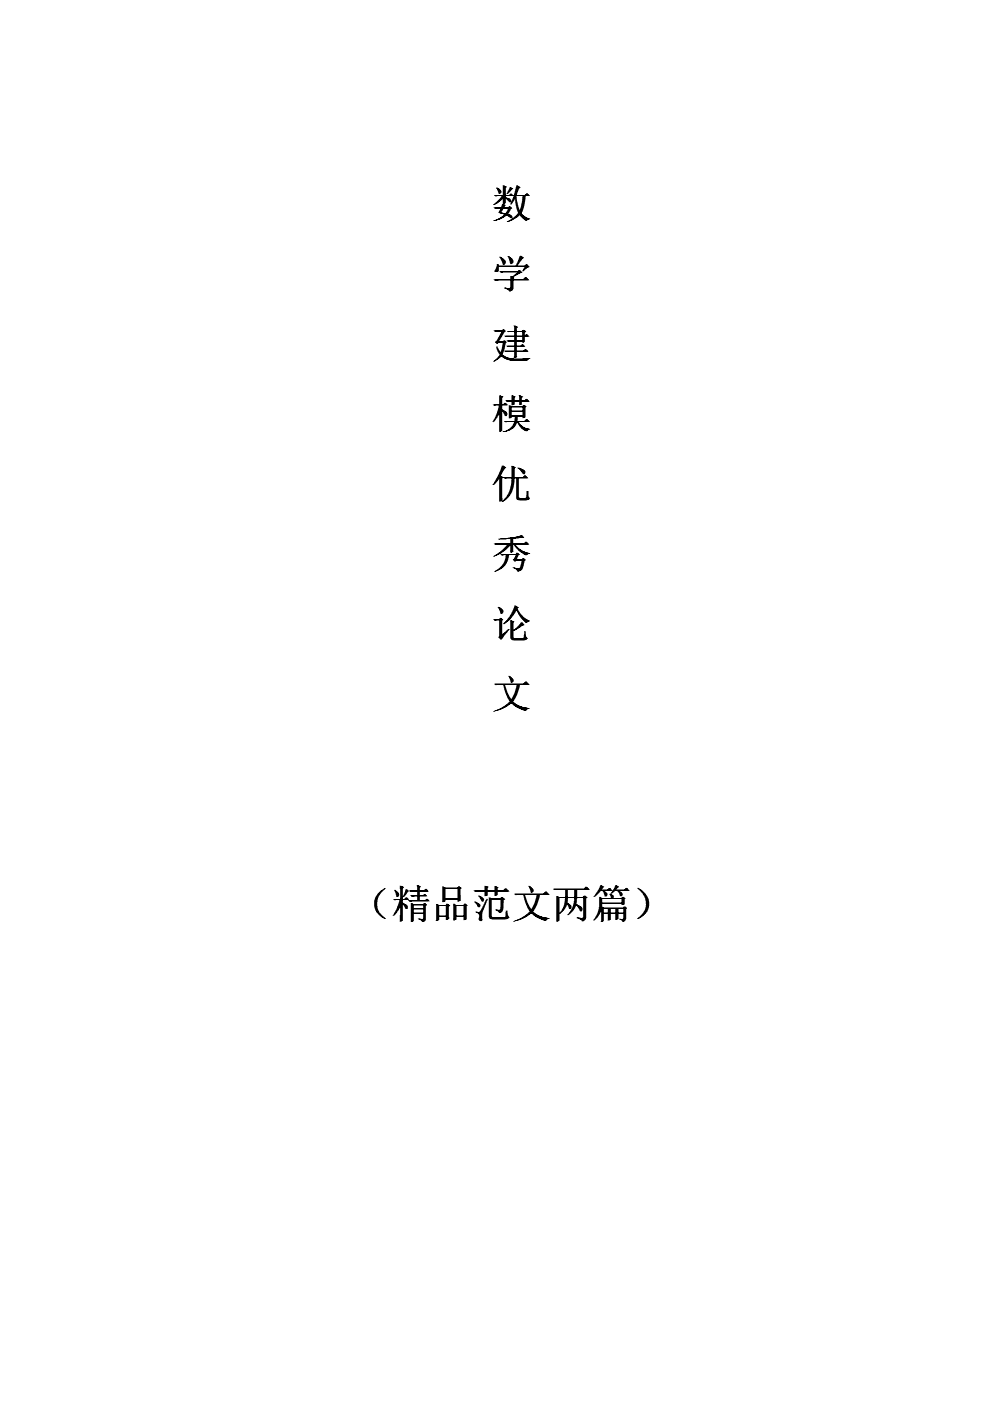 数学建模优秀论文(精品范文两篇).doc